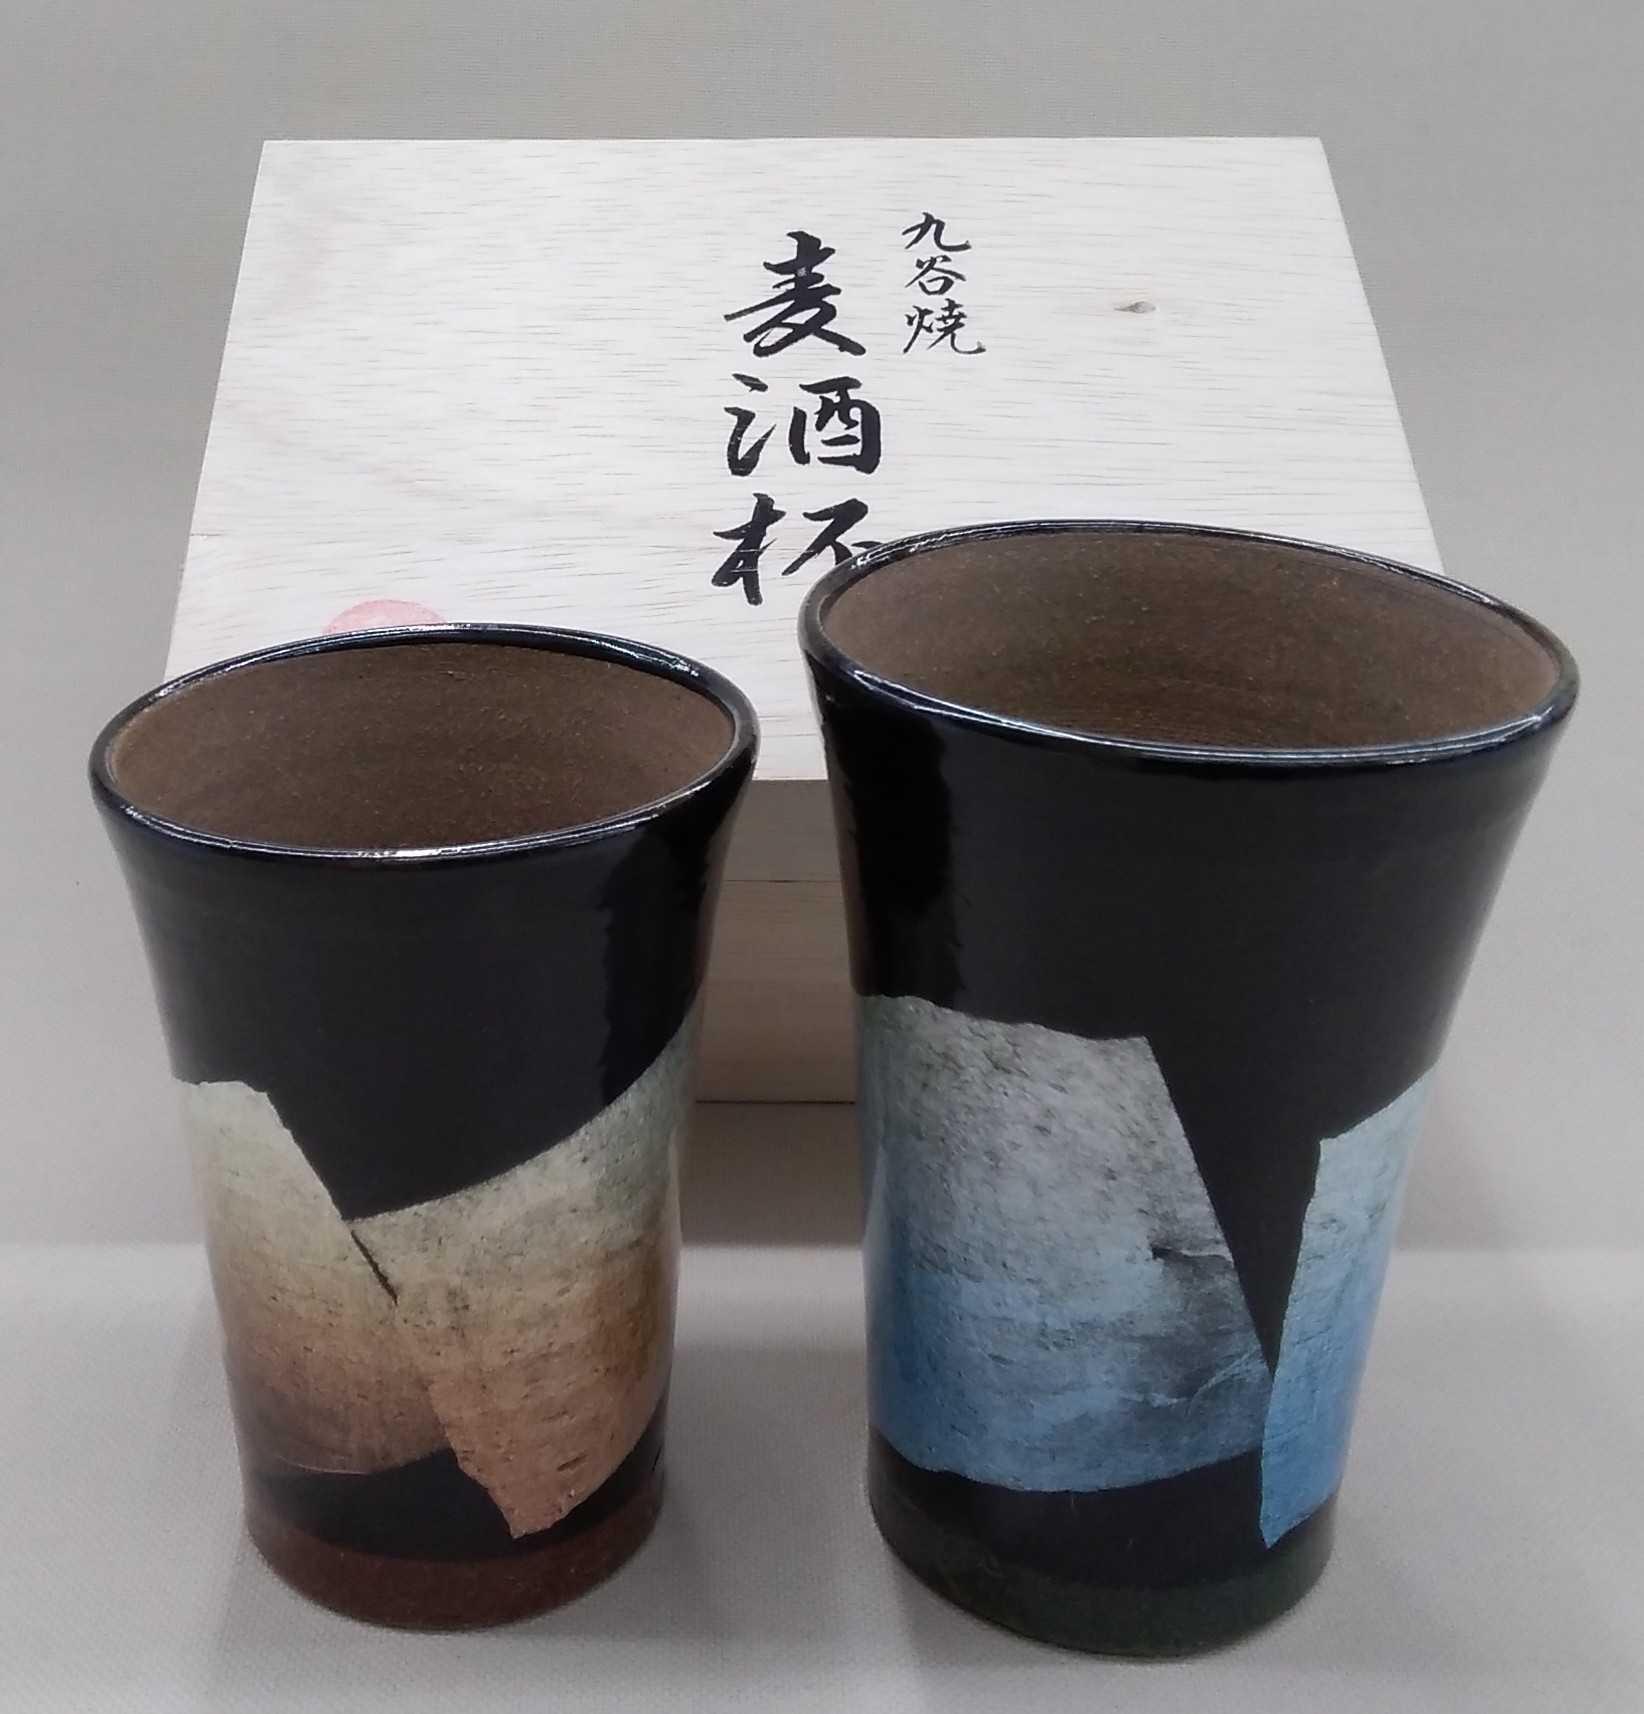 ビアグラス|九谷焼